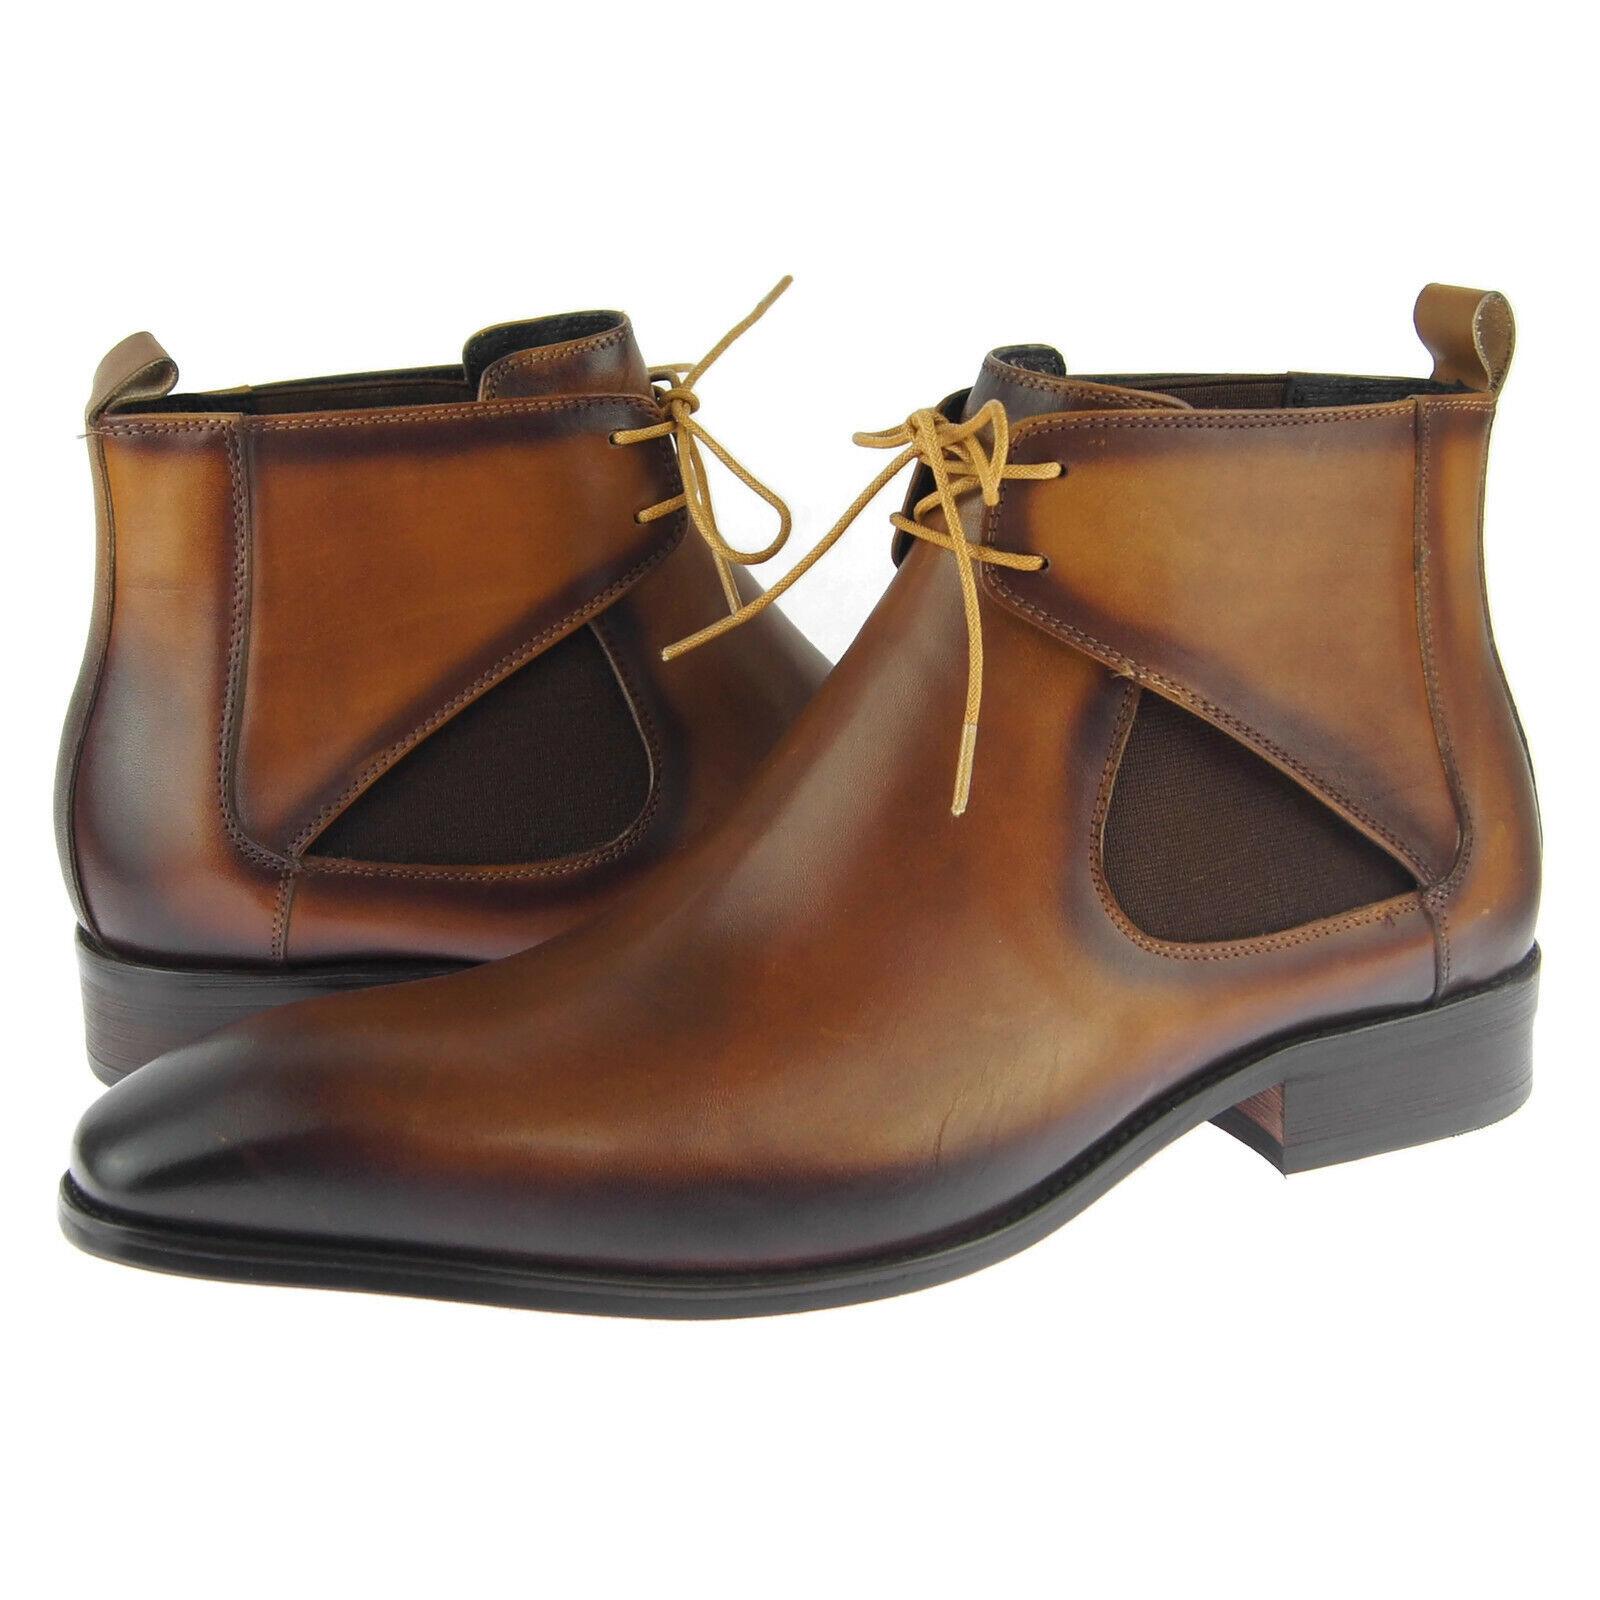 Carrucci Chelsea Chukka con cordones, botas al Tobillo Para Hombre De Cuero, Coñac